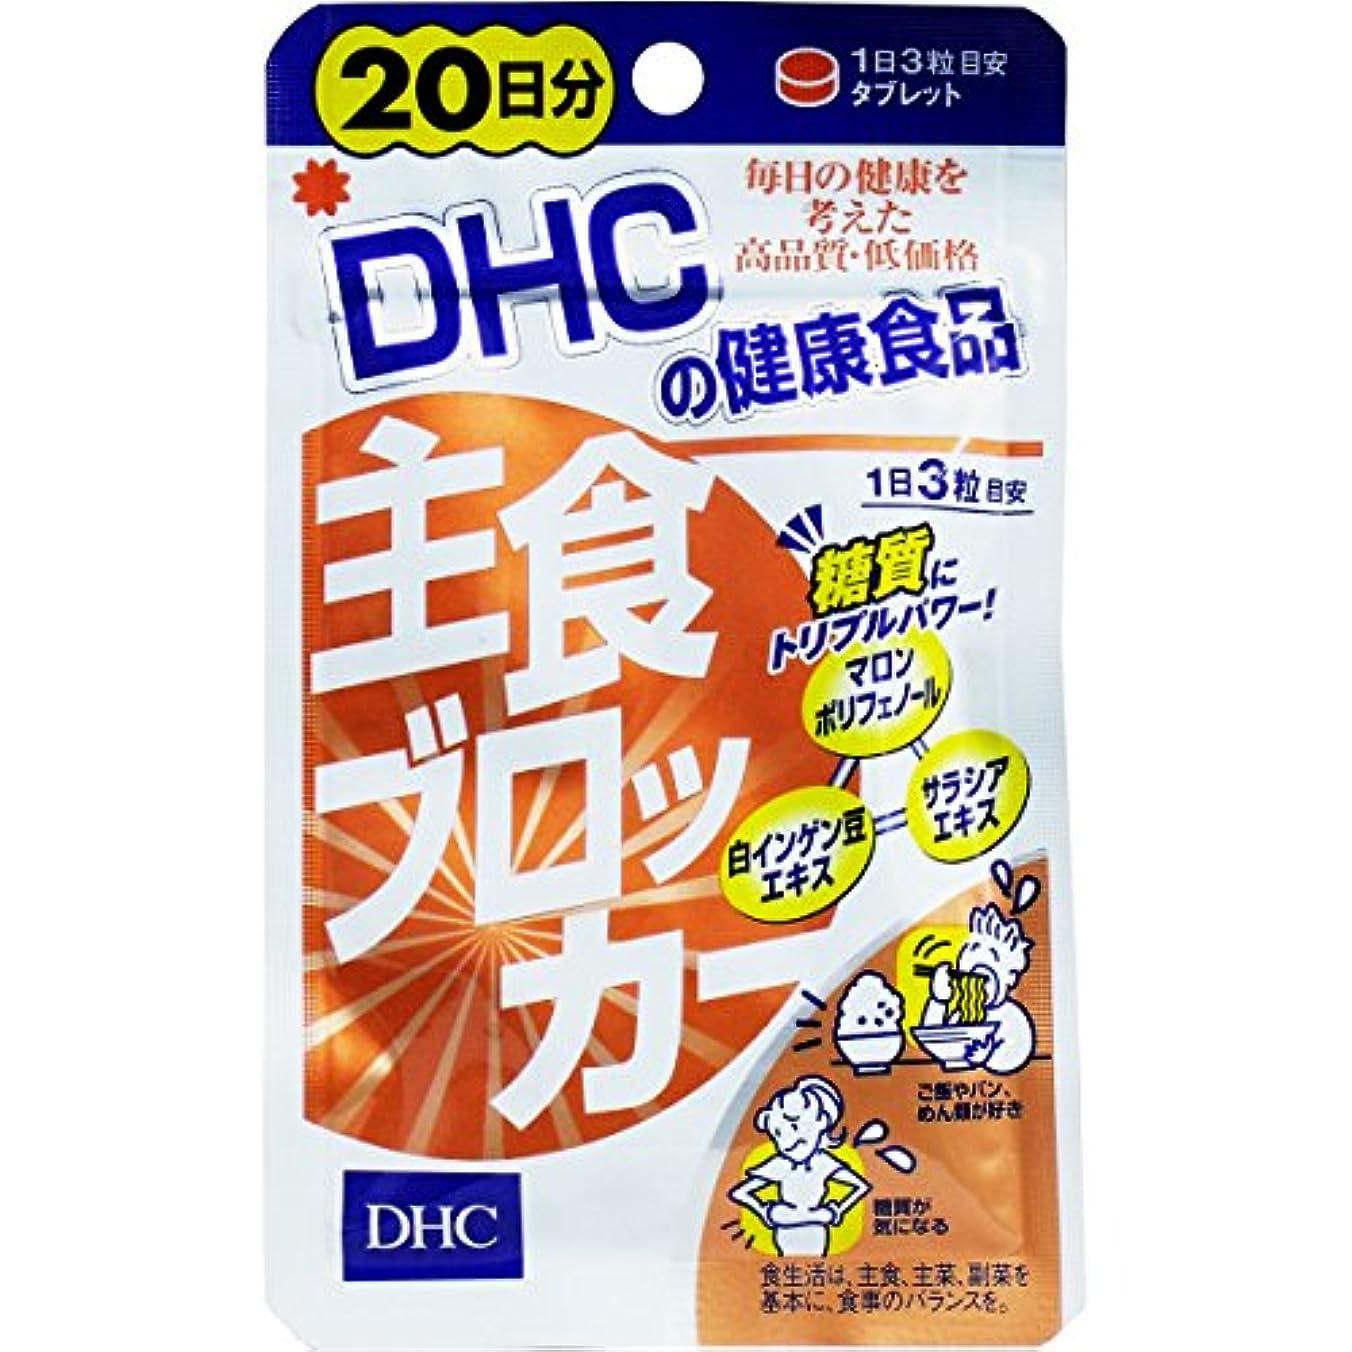 問い合わせるびっくりステップDHC 主食ブロッカー 20日分 60粒(12g) ×4個セット